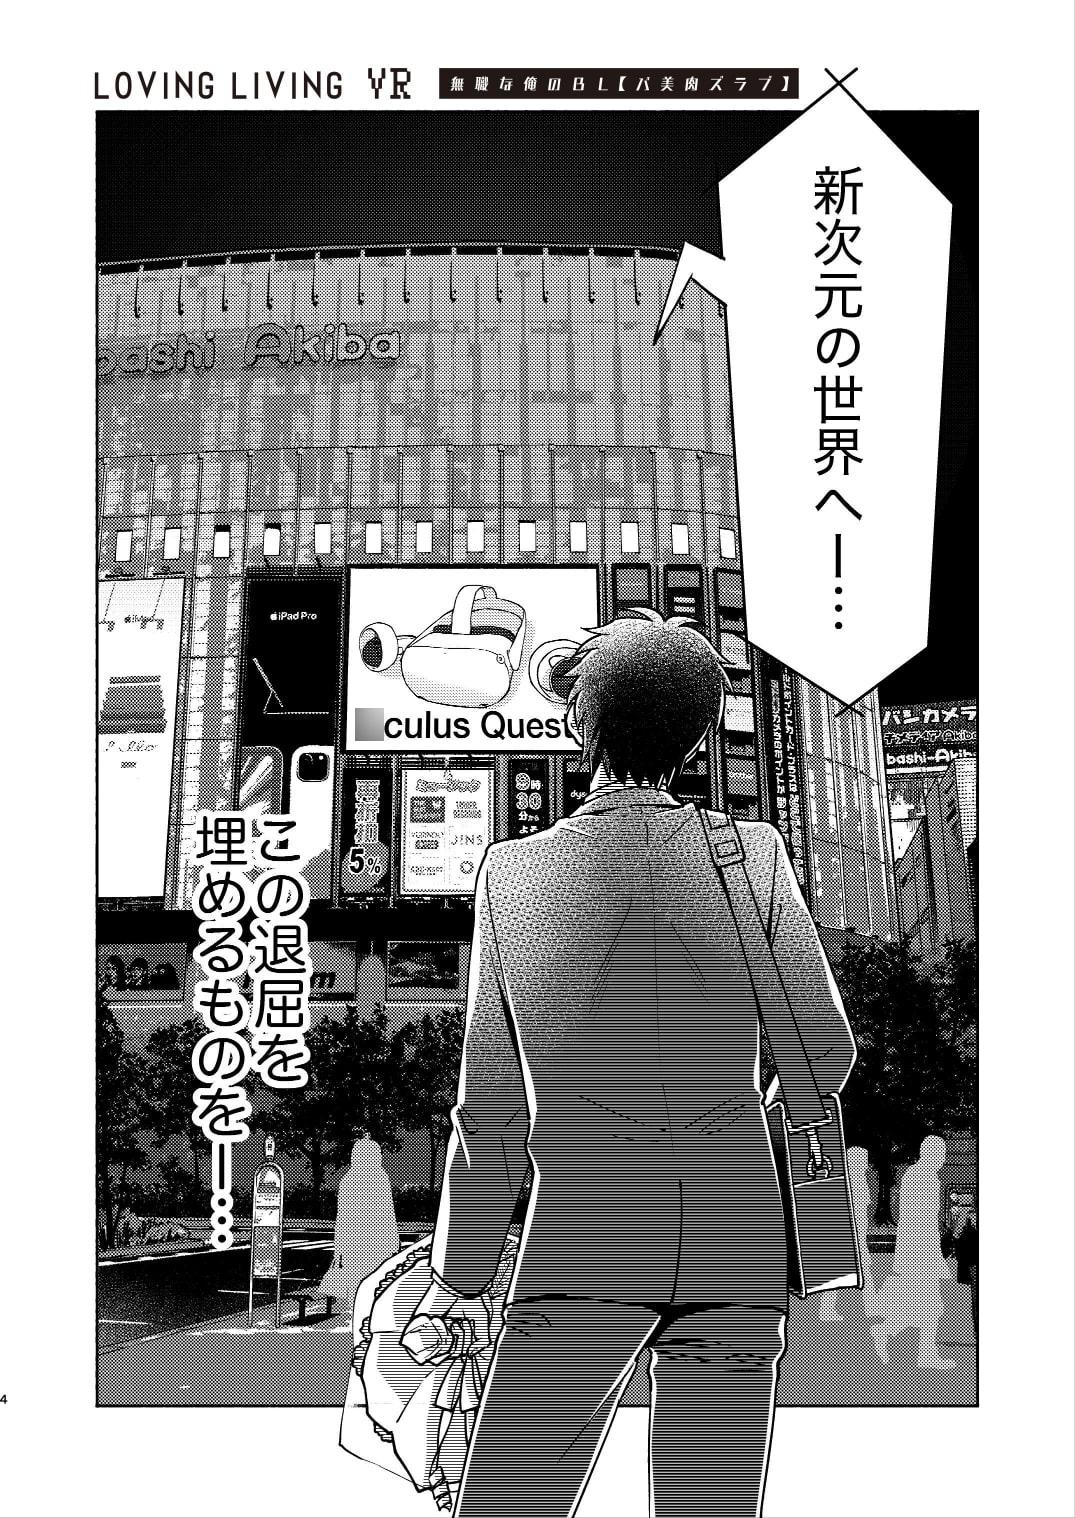 Loving Living VR. 無職な俺のBL(バ美肉ズラブ)